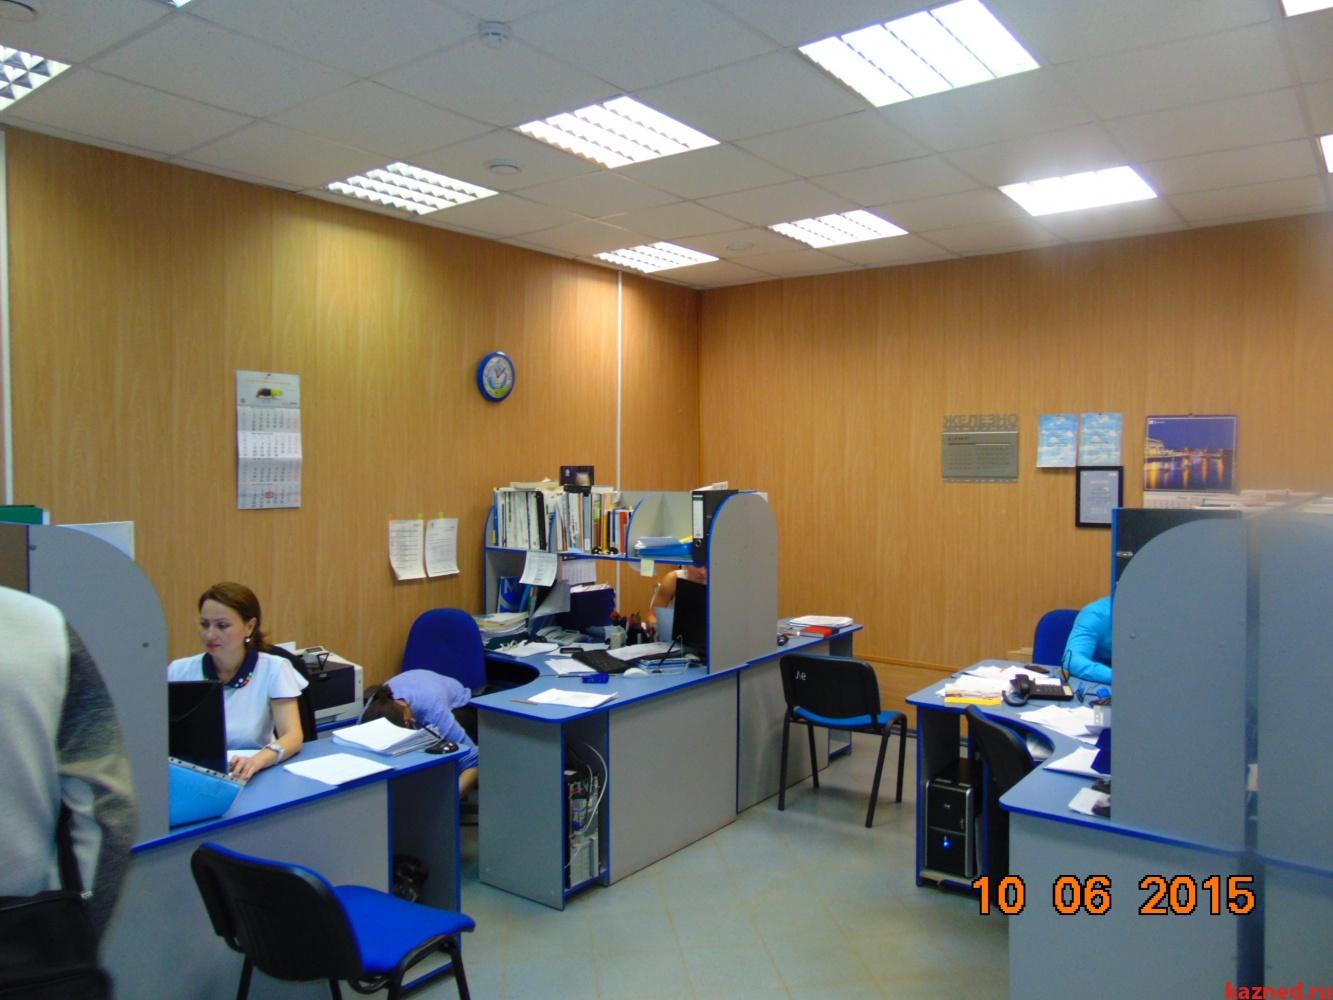 Продажа  помещения свободного назначения Проспект Амирхана,12а, 4831 м²  (миниатюра №6)